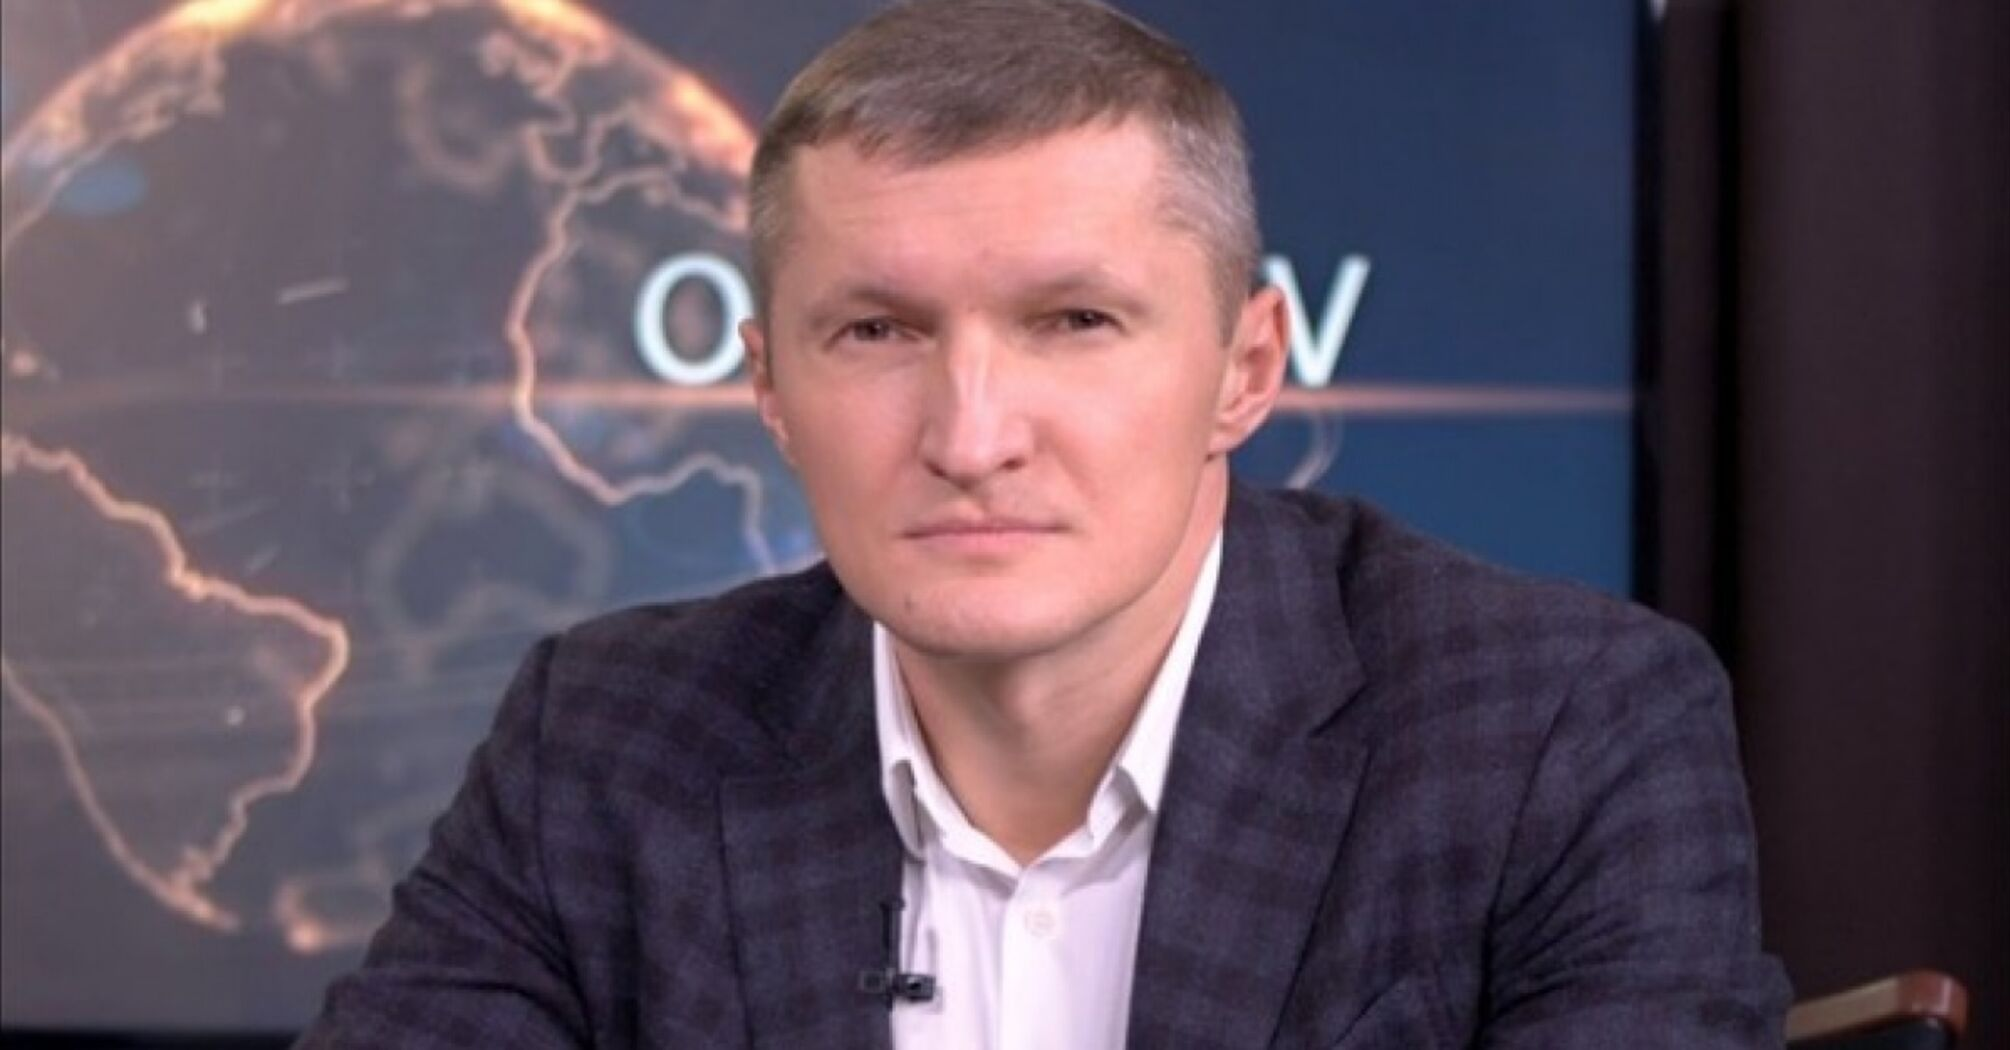 Євген Бамбізов спростував інформацію про те, що екс-міністр фінансів Уманський запрошував його очолити Податкову службу